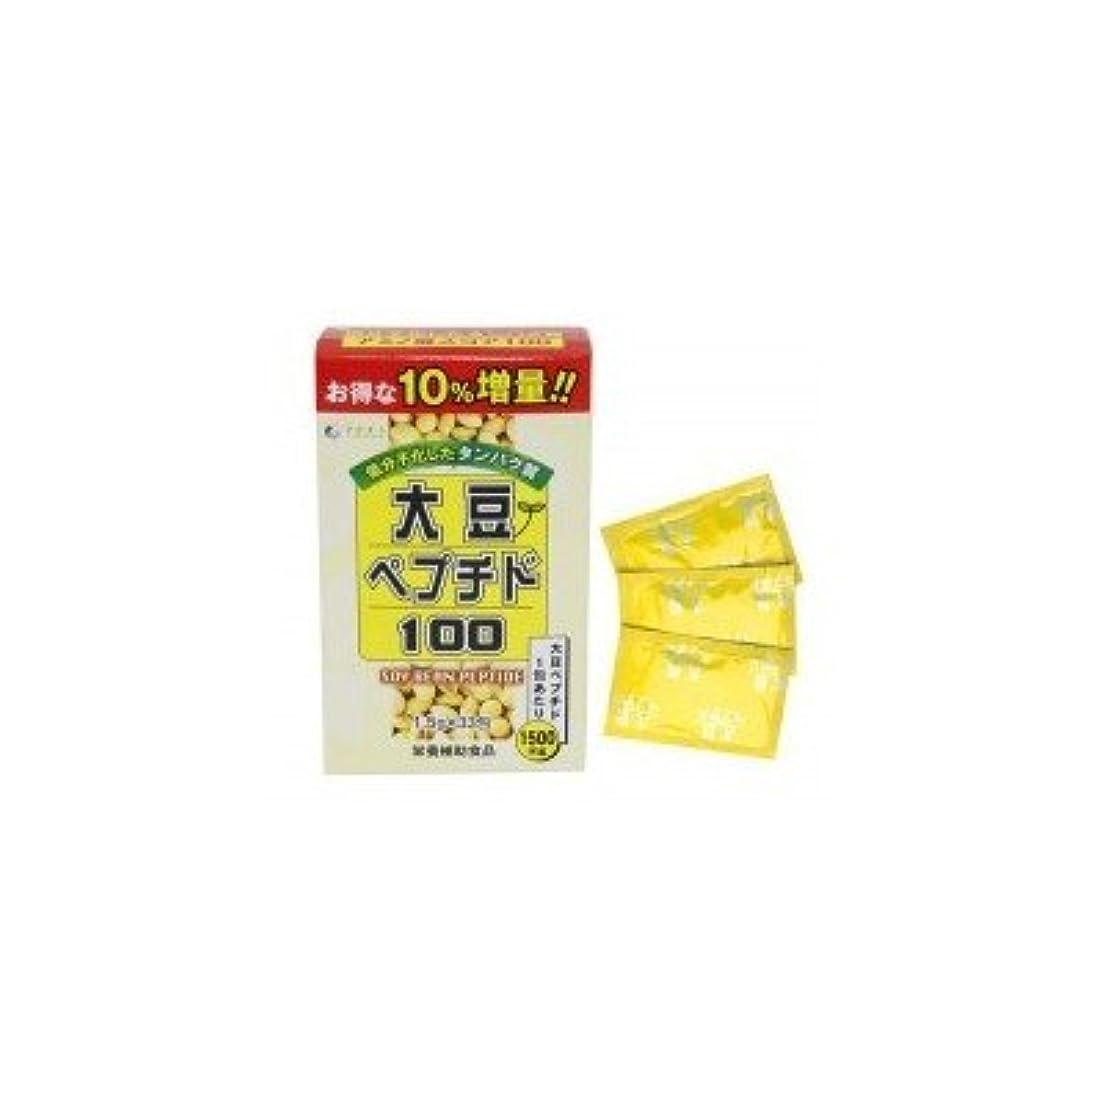 最高銅価値のないファイン 大豆ペプチド100 49.5g(1.5g×33包)